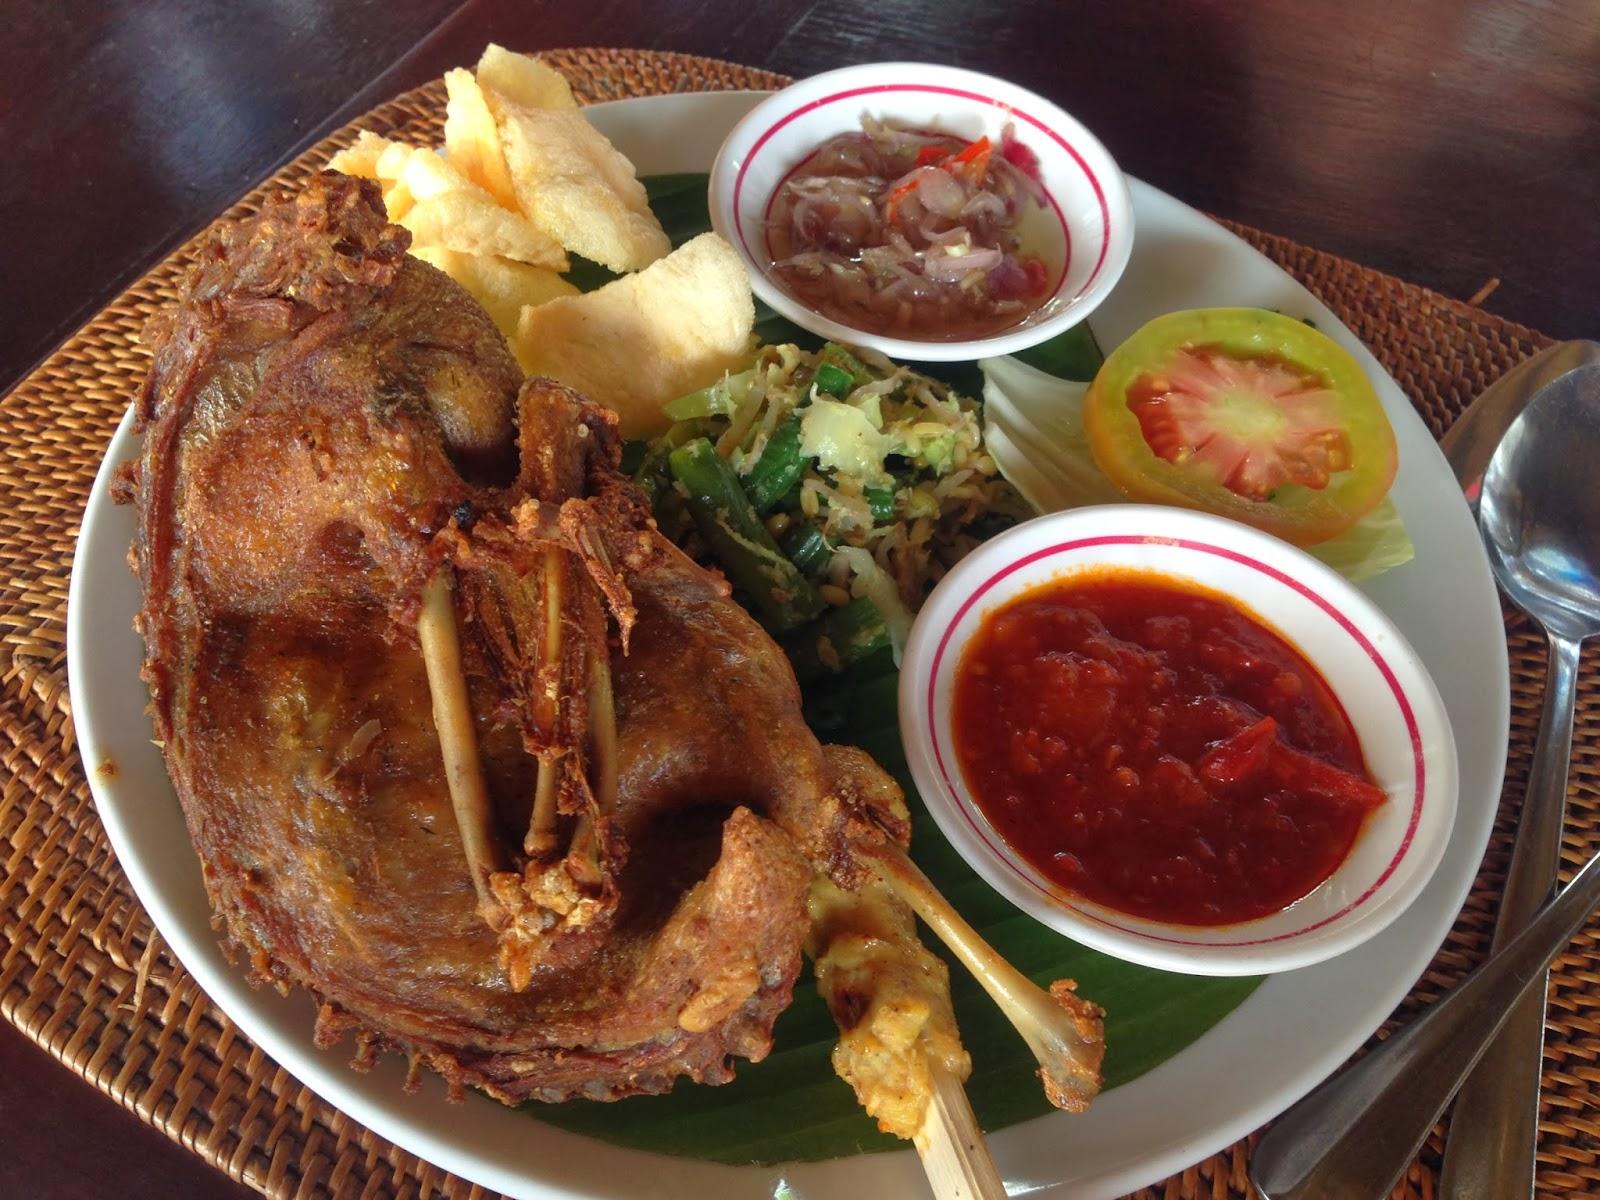 Referensi dan Rekomendasi Tempat Wisata di Indonesia: Tempat Makan di Kuta Bali (Bebek Tepi Sawah Kuta)